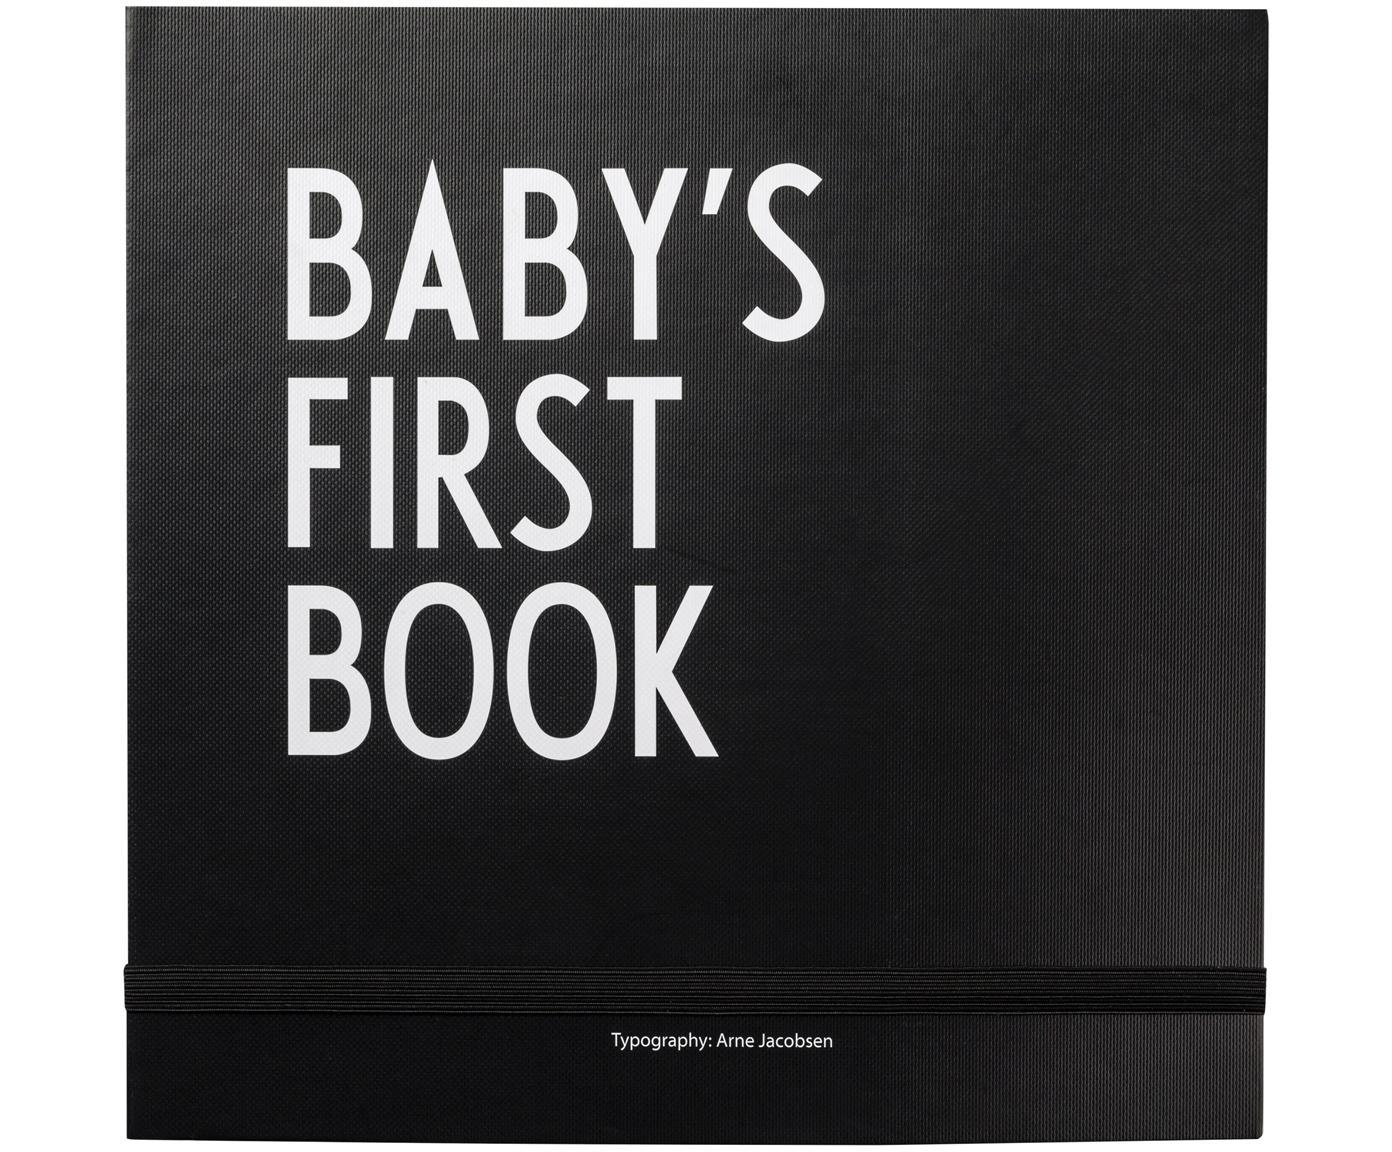 Libro de recuerdos Baby´s First Book, Papel, Negro, blanco, An 25 x Al 25 cm